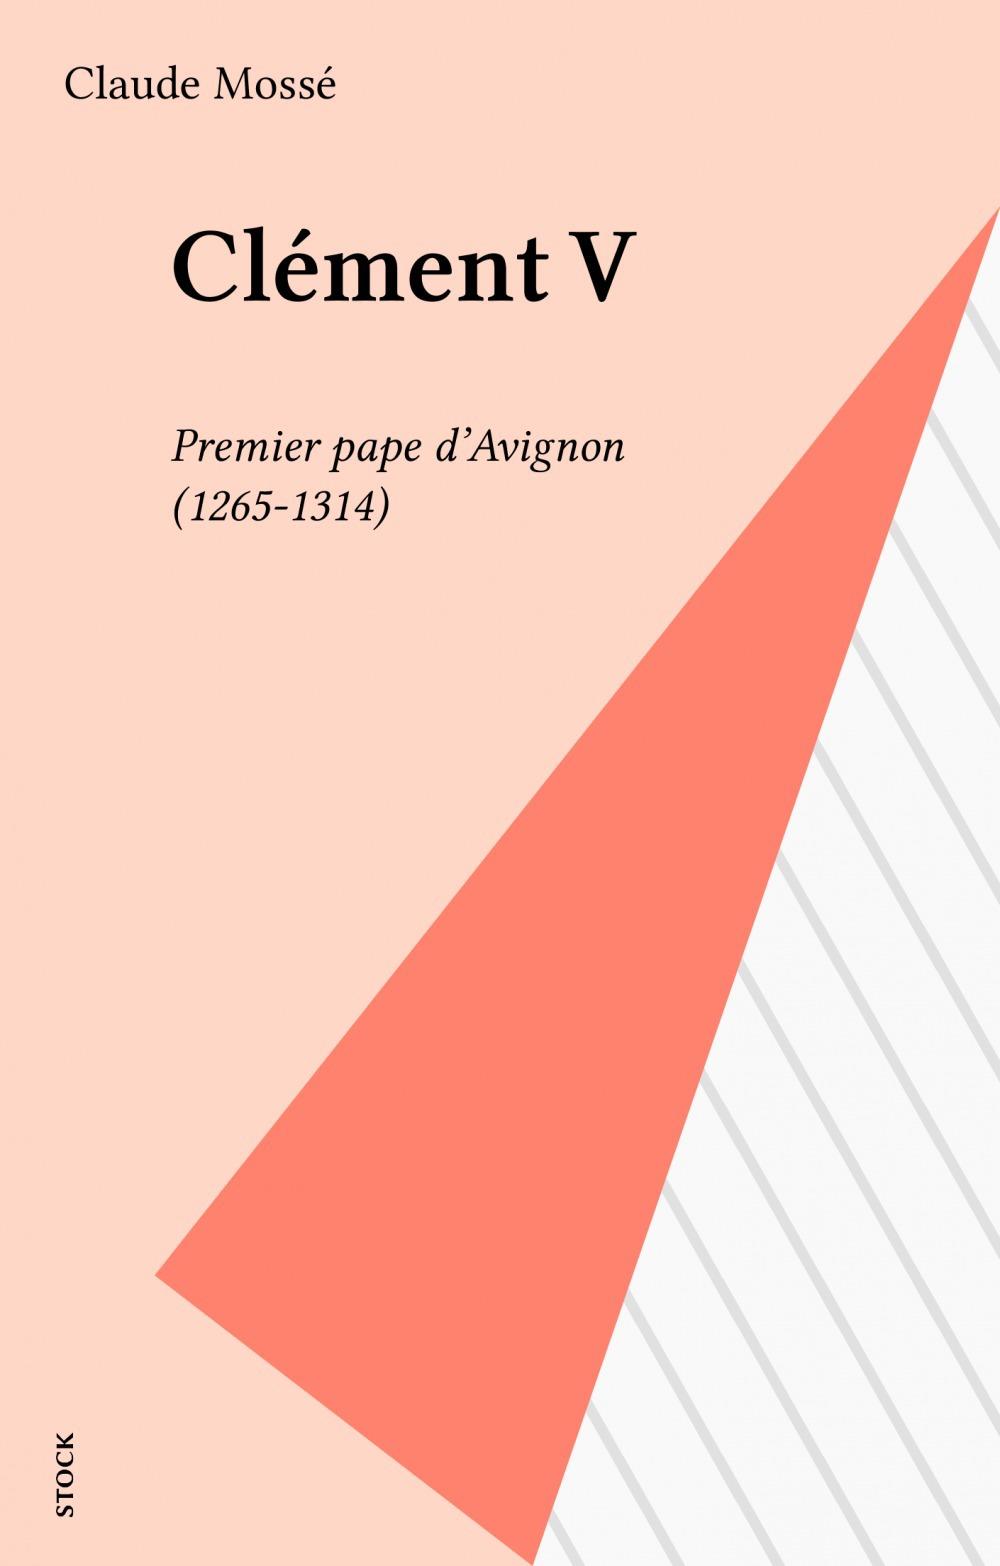 Clement v: premier pape d'avignon 1265-1314